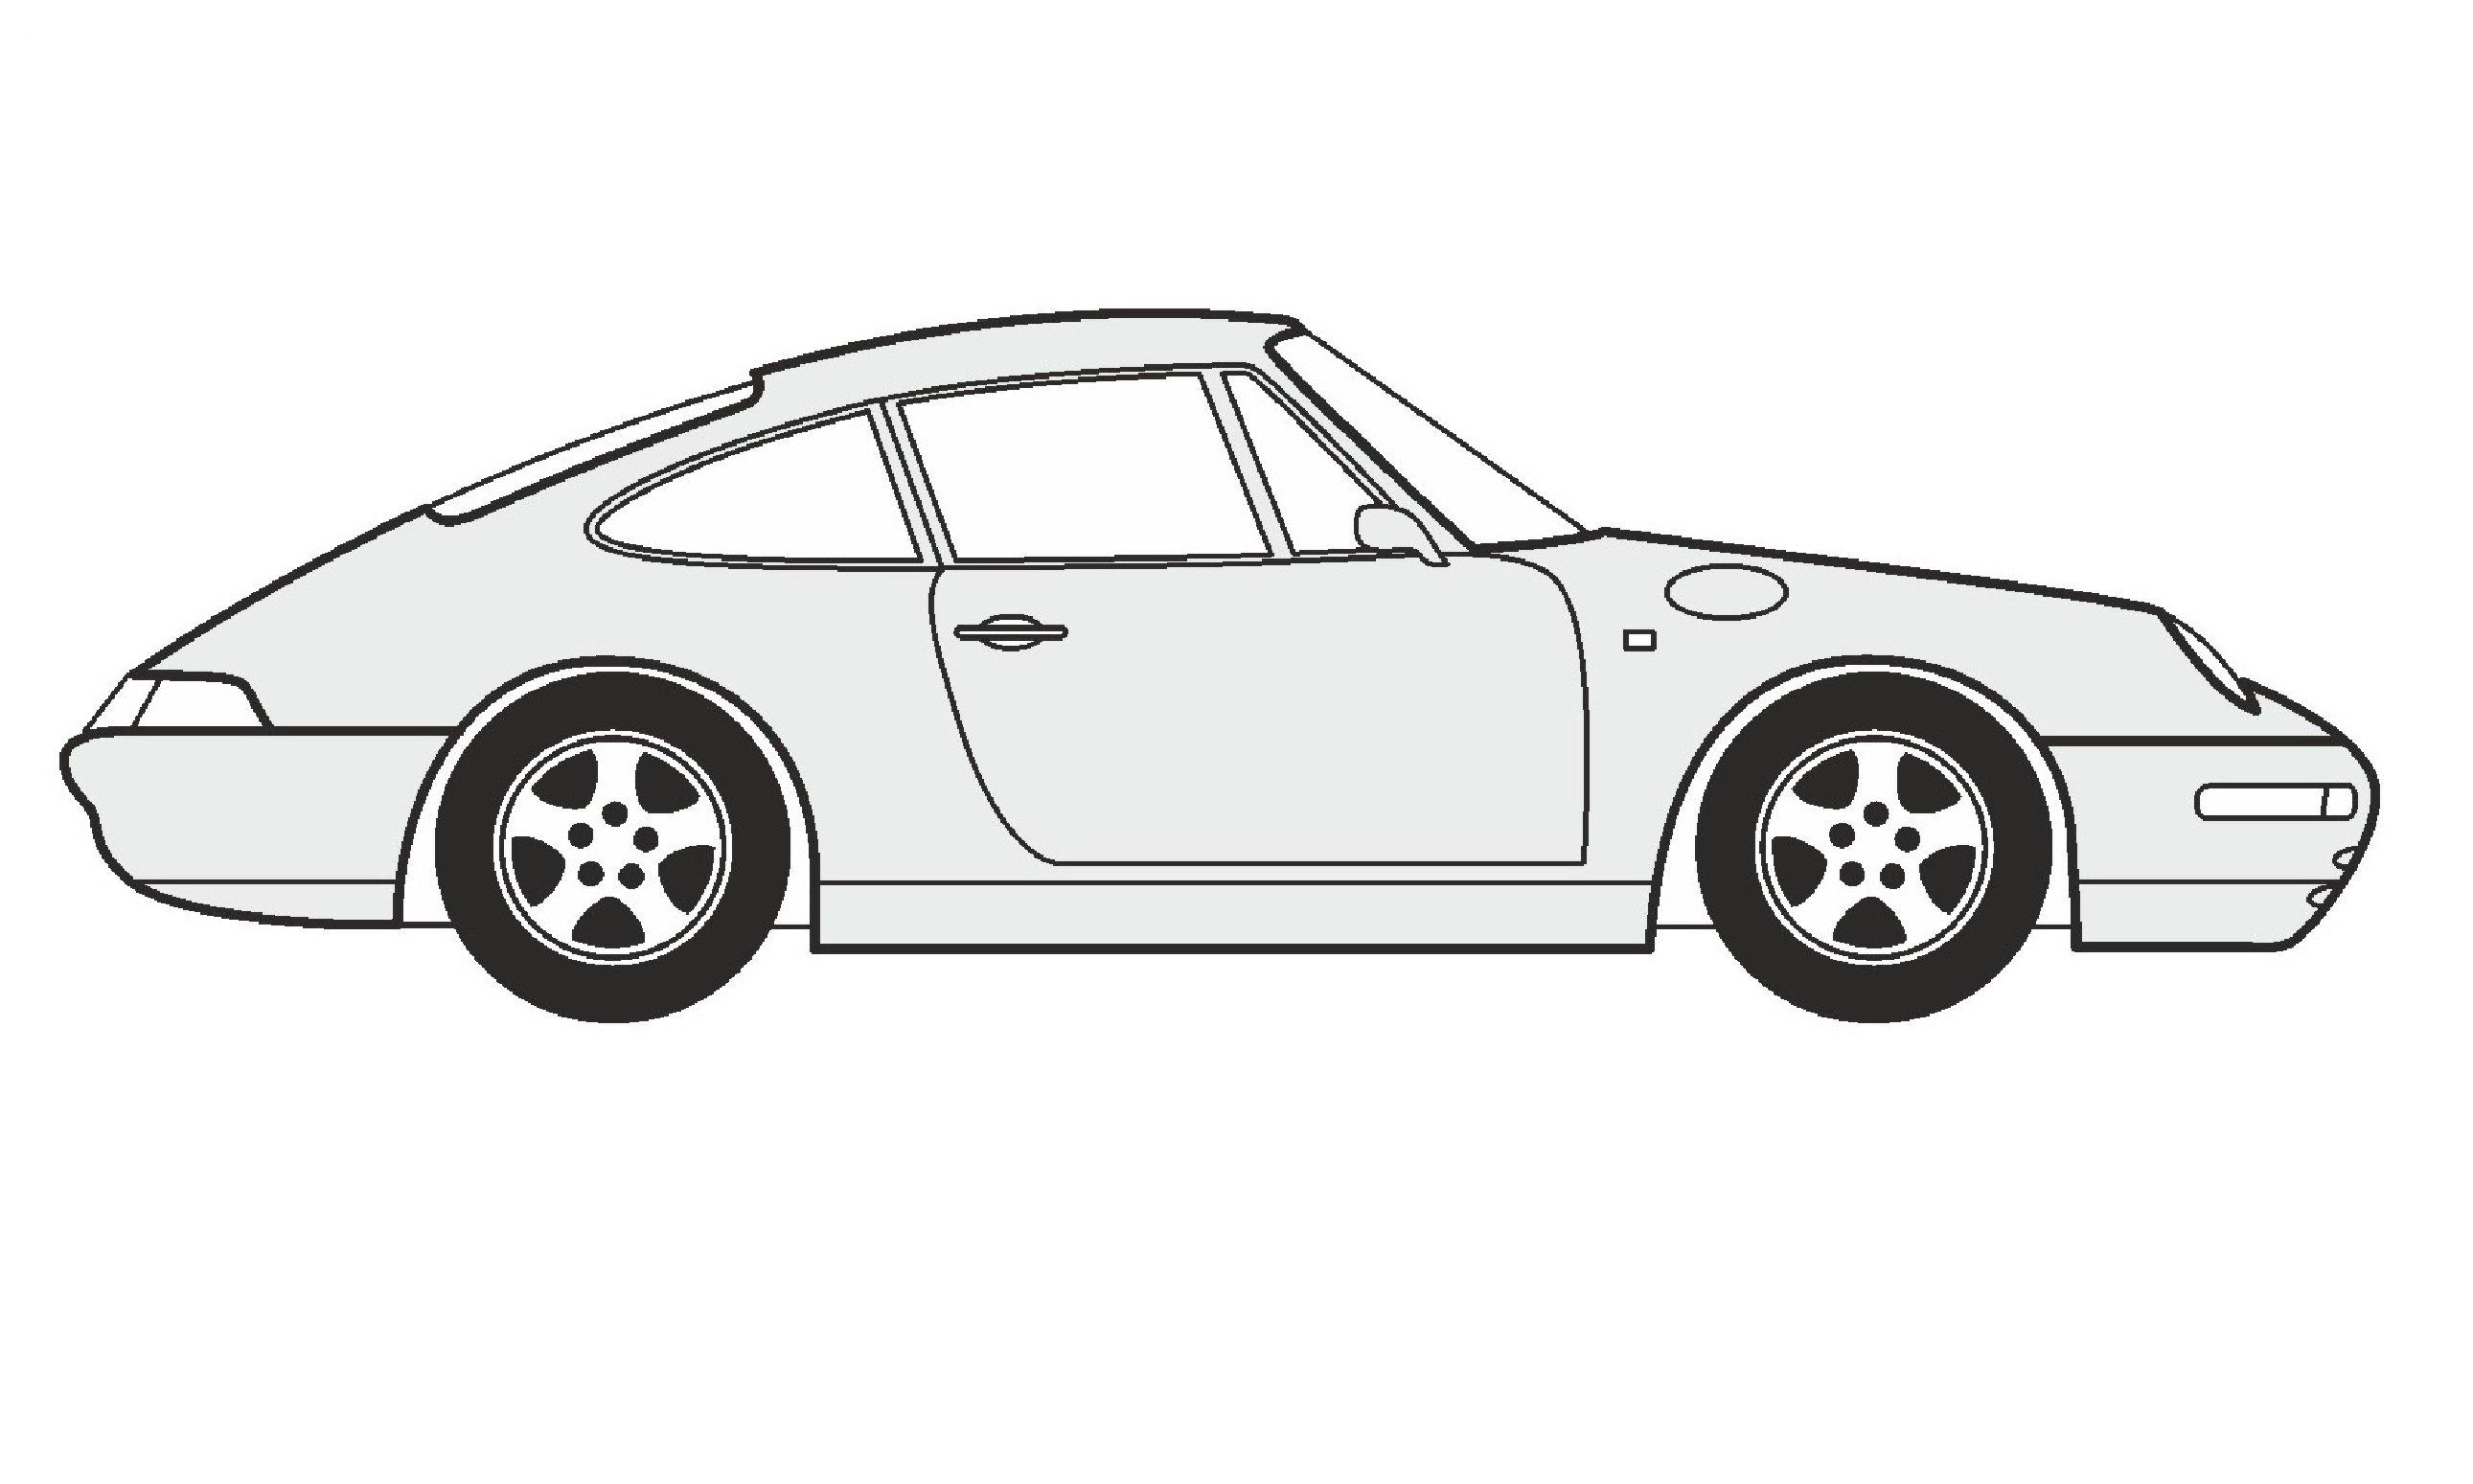 Drawn vehicle porsche 911 Porsche / Coupe Coupe нарисовать